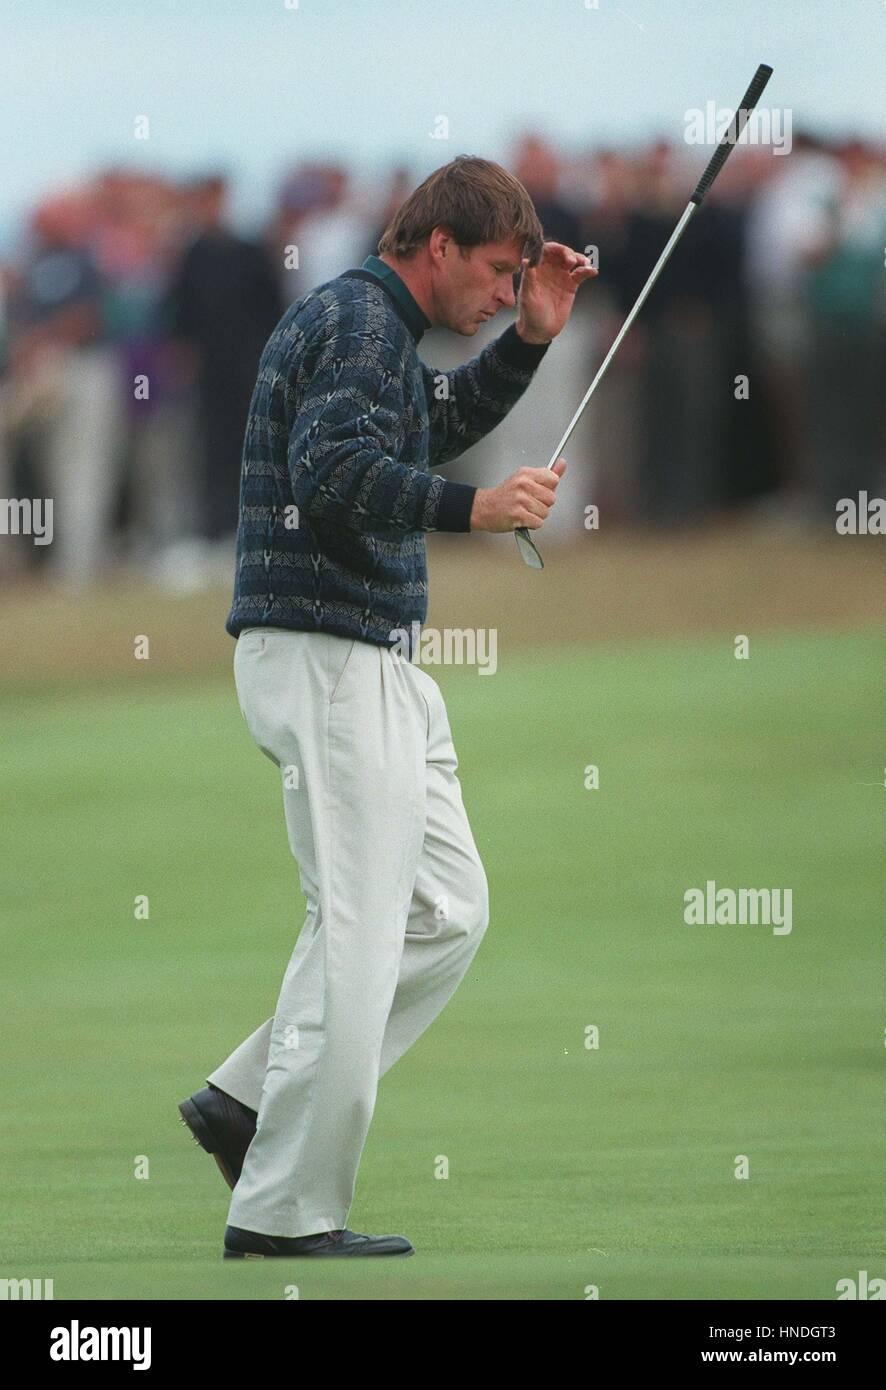 british open golf crowd stock photos  u0026 british open golf